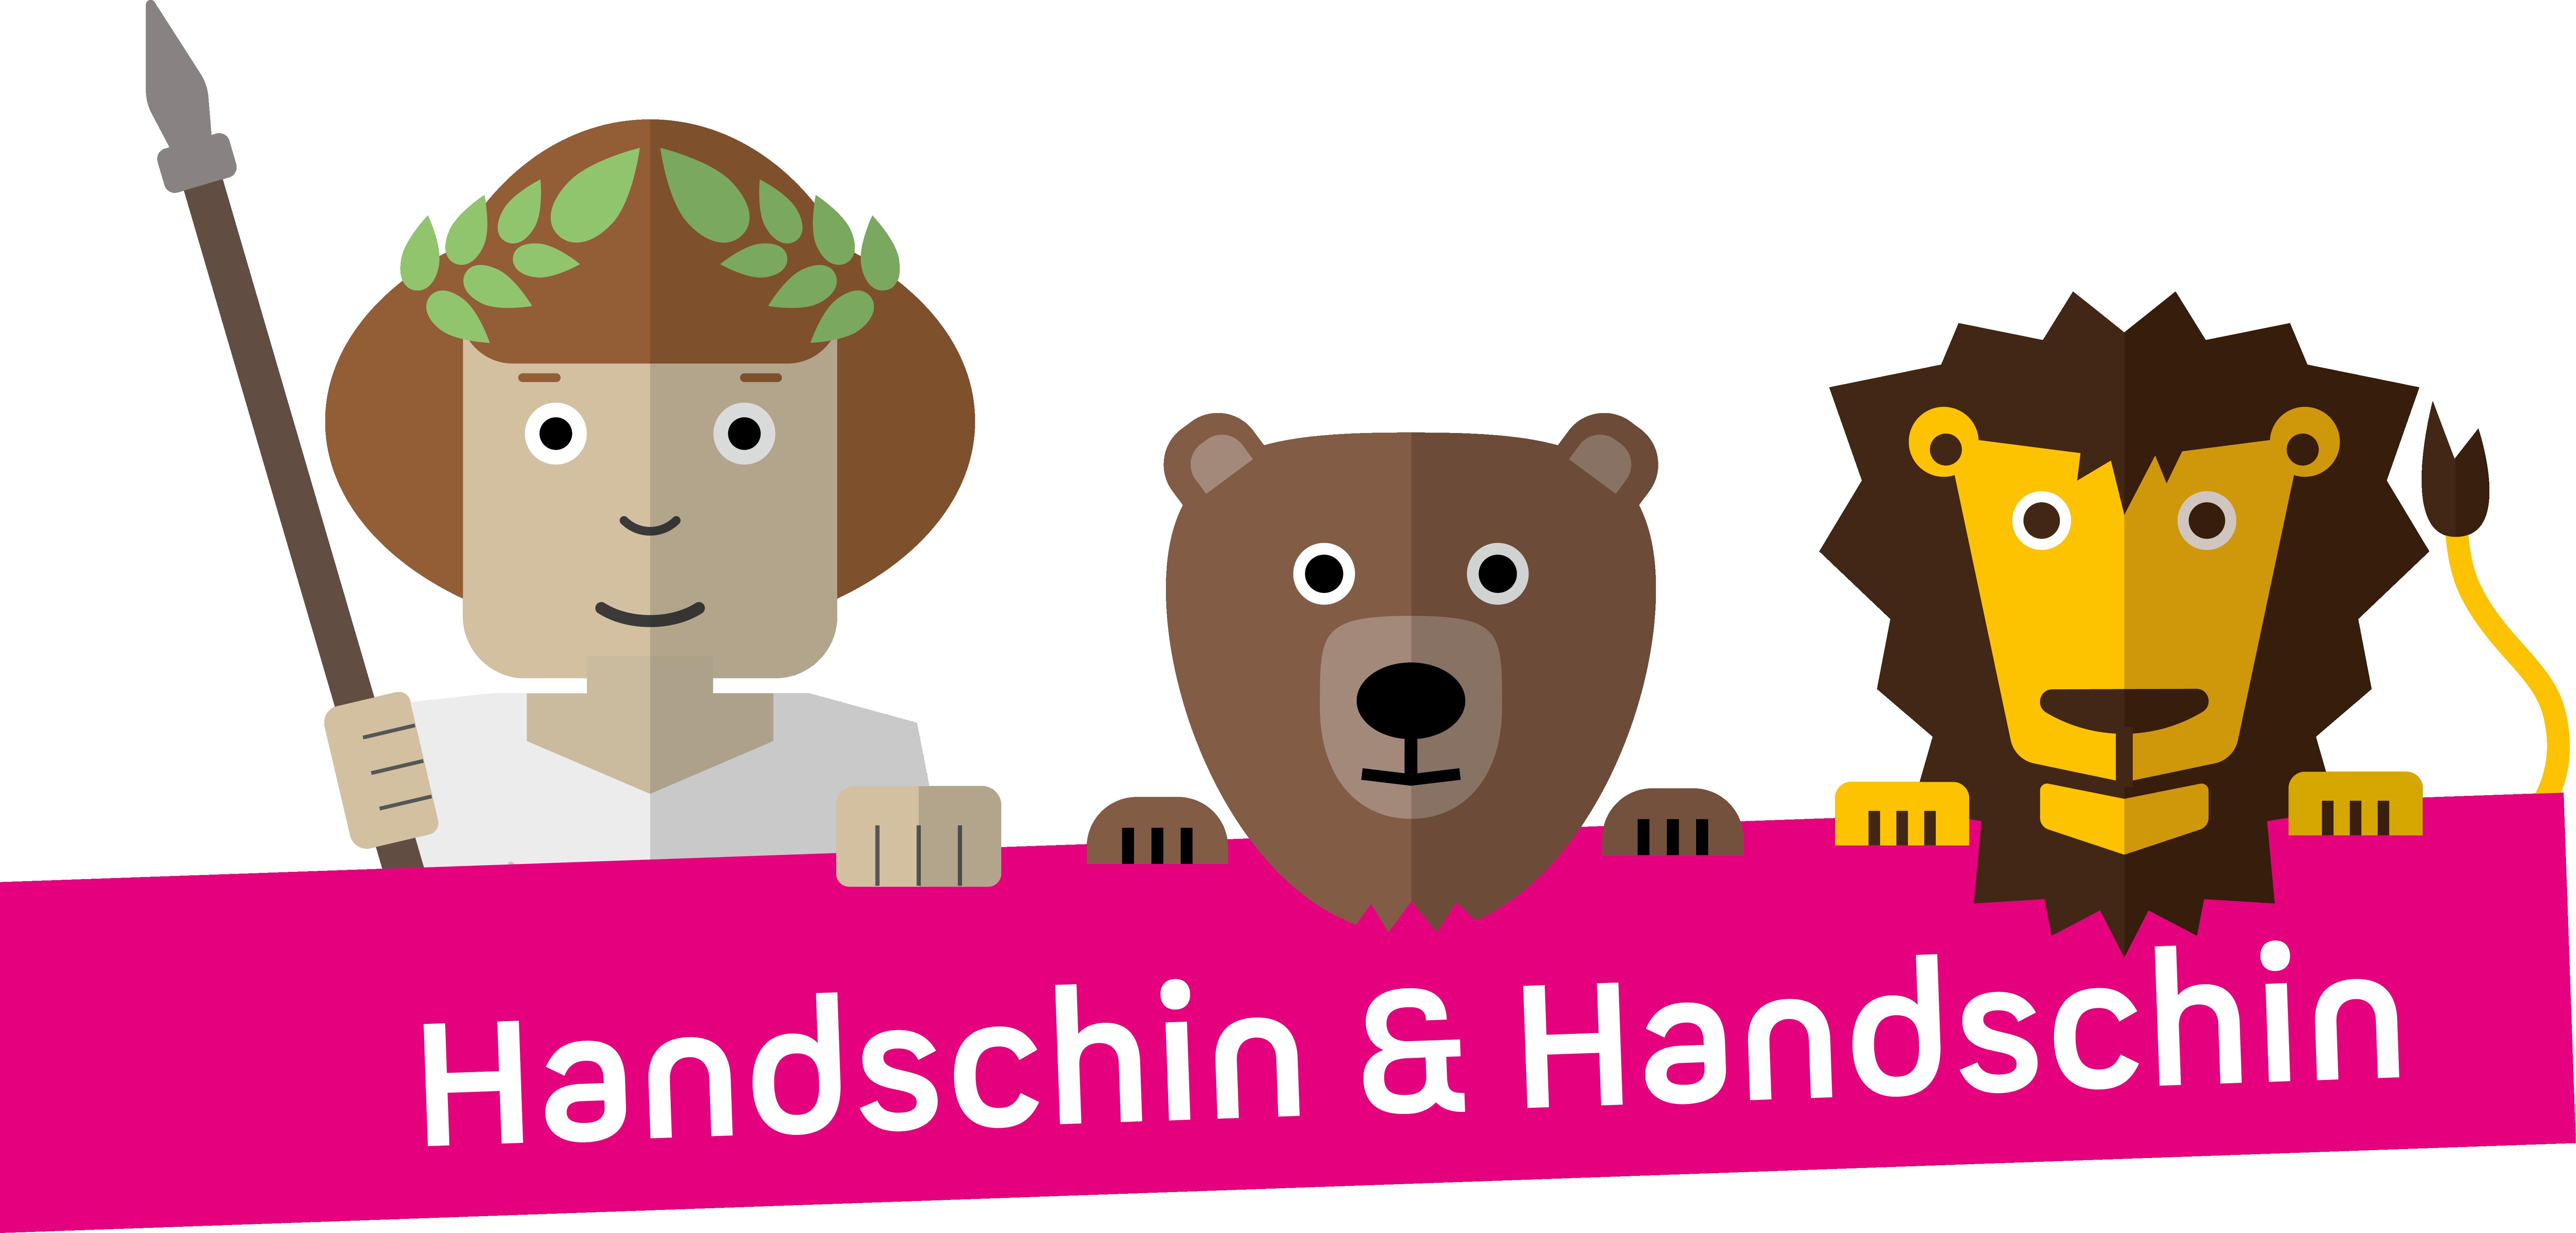 Handschin & Handschin Logo